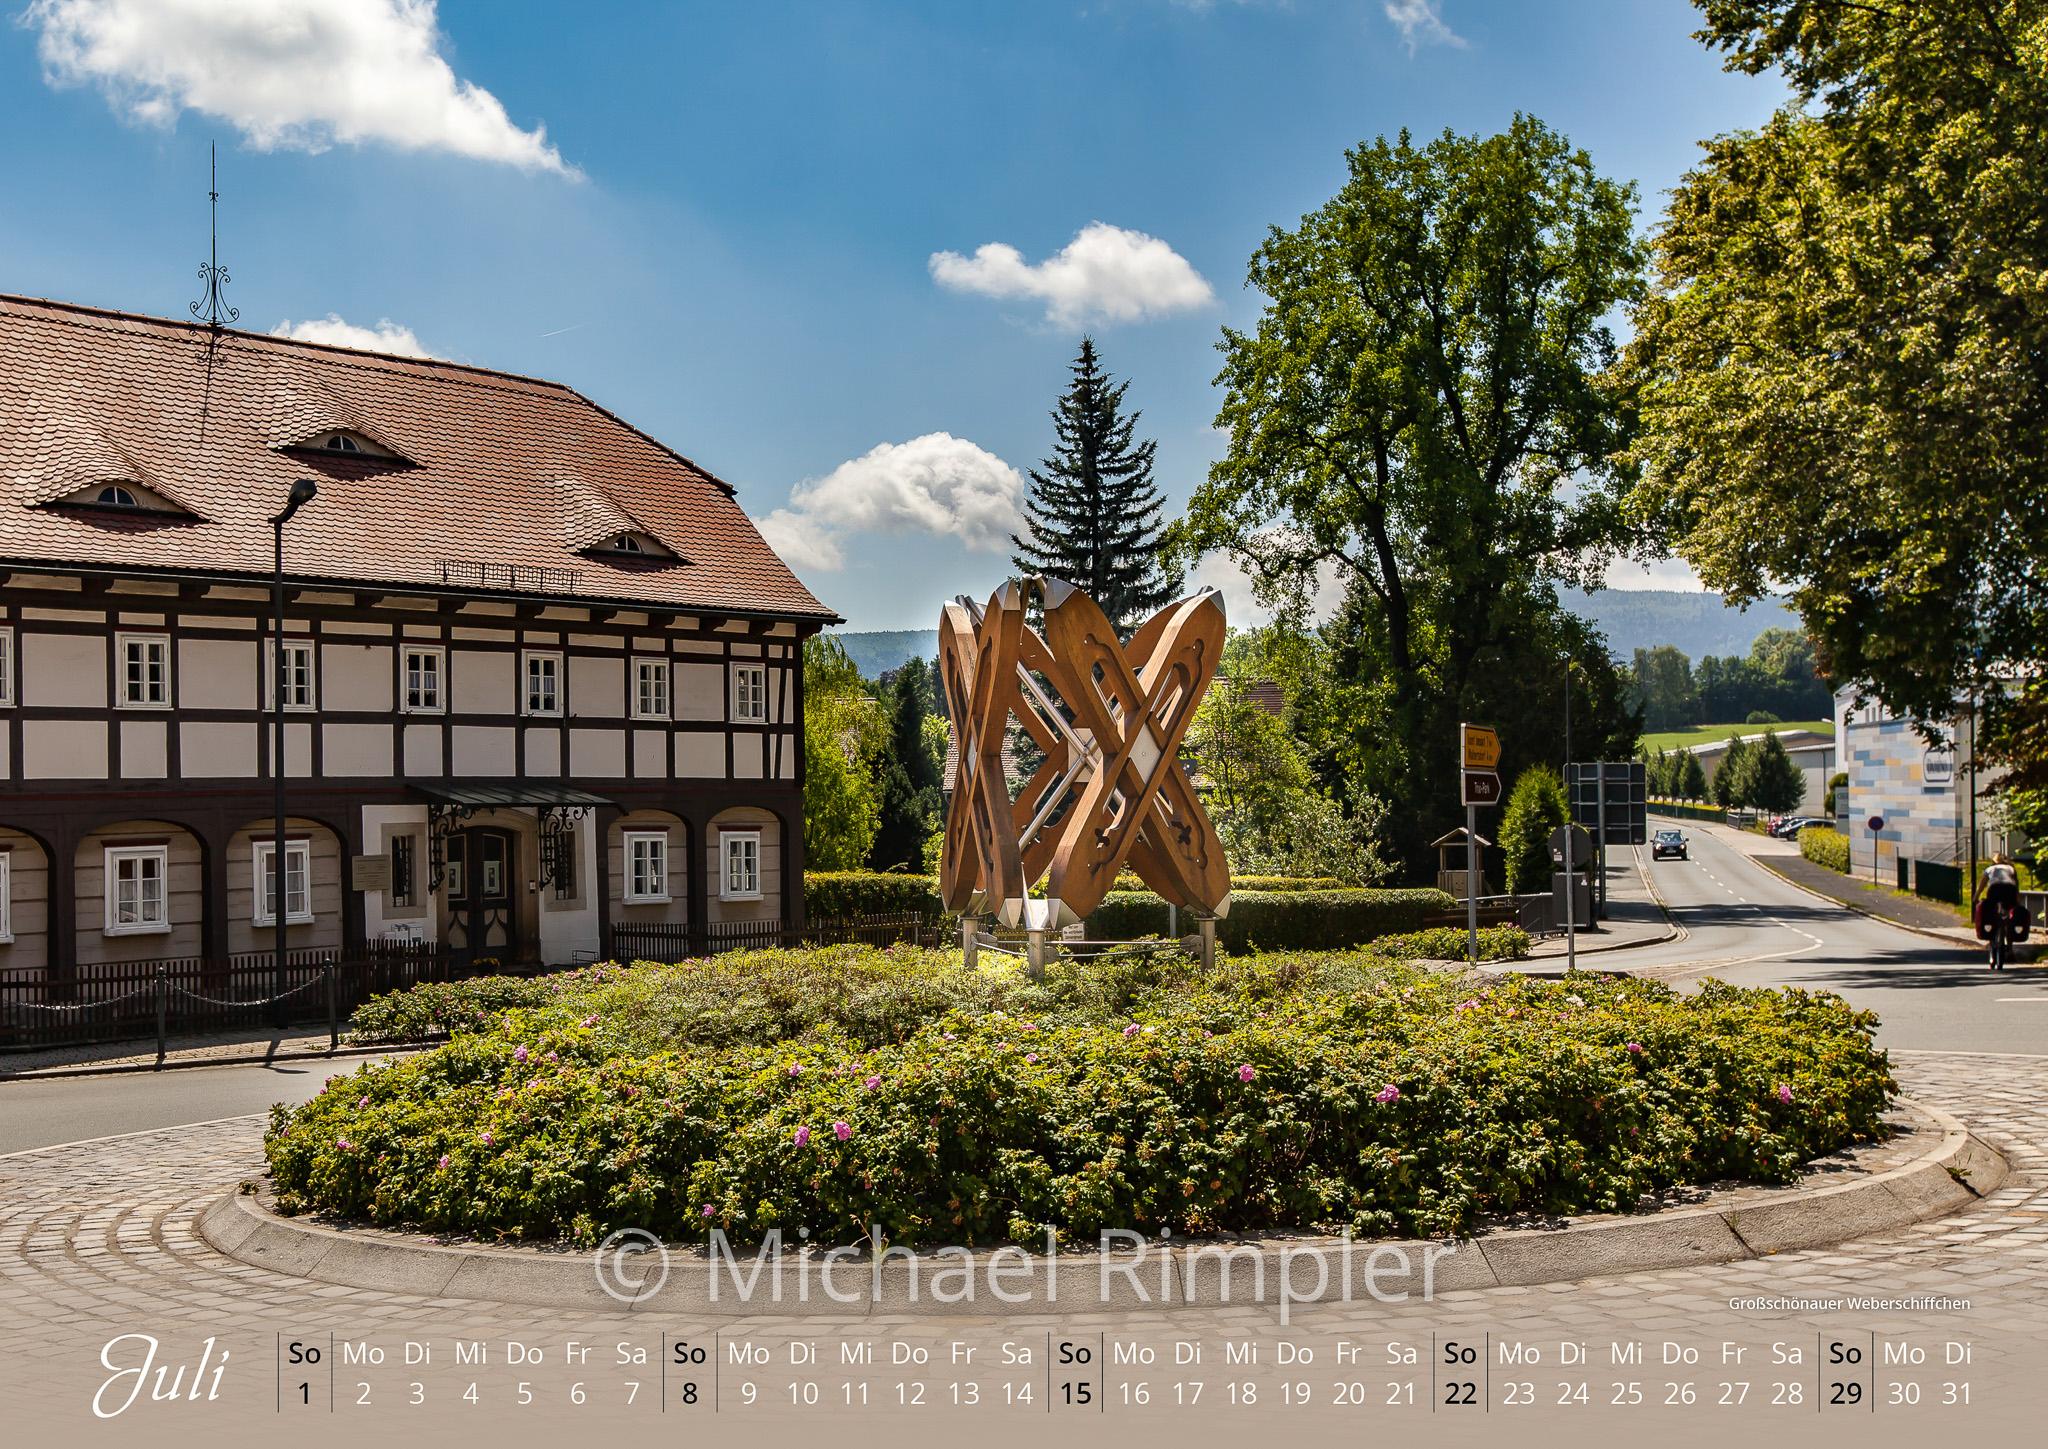 großschönau, textildorf, waltersdorf, hainewalde, kalender, oberlausitz, weberschiffchen, umgebindehaus